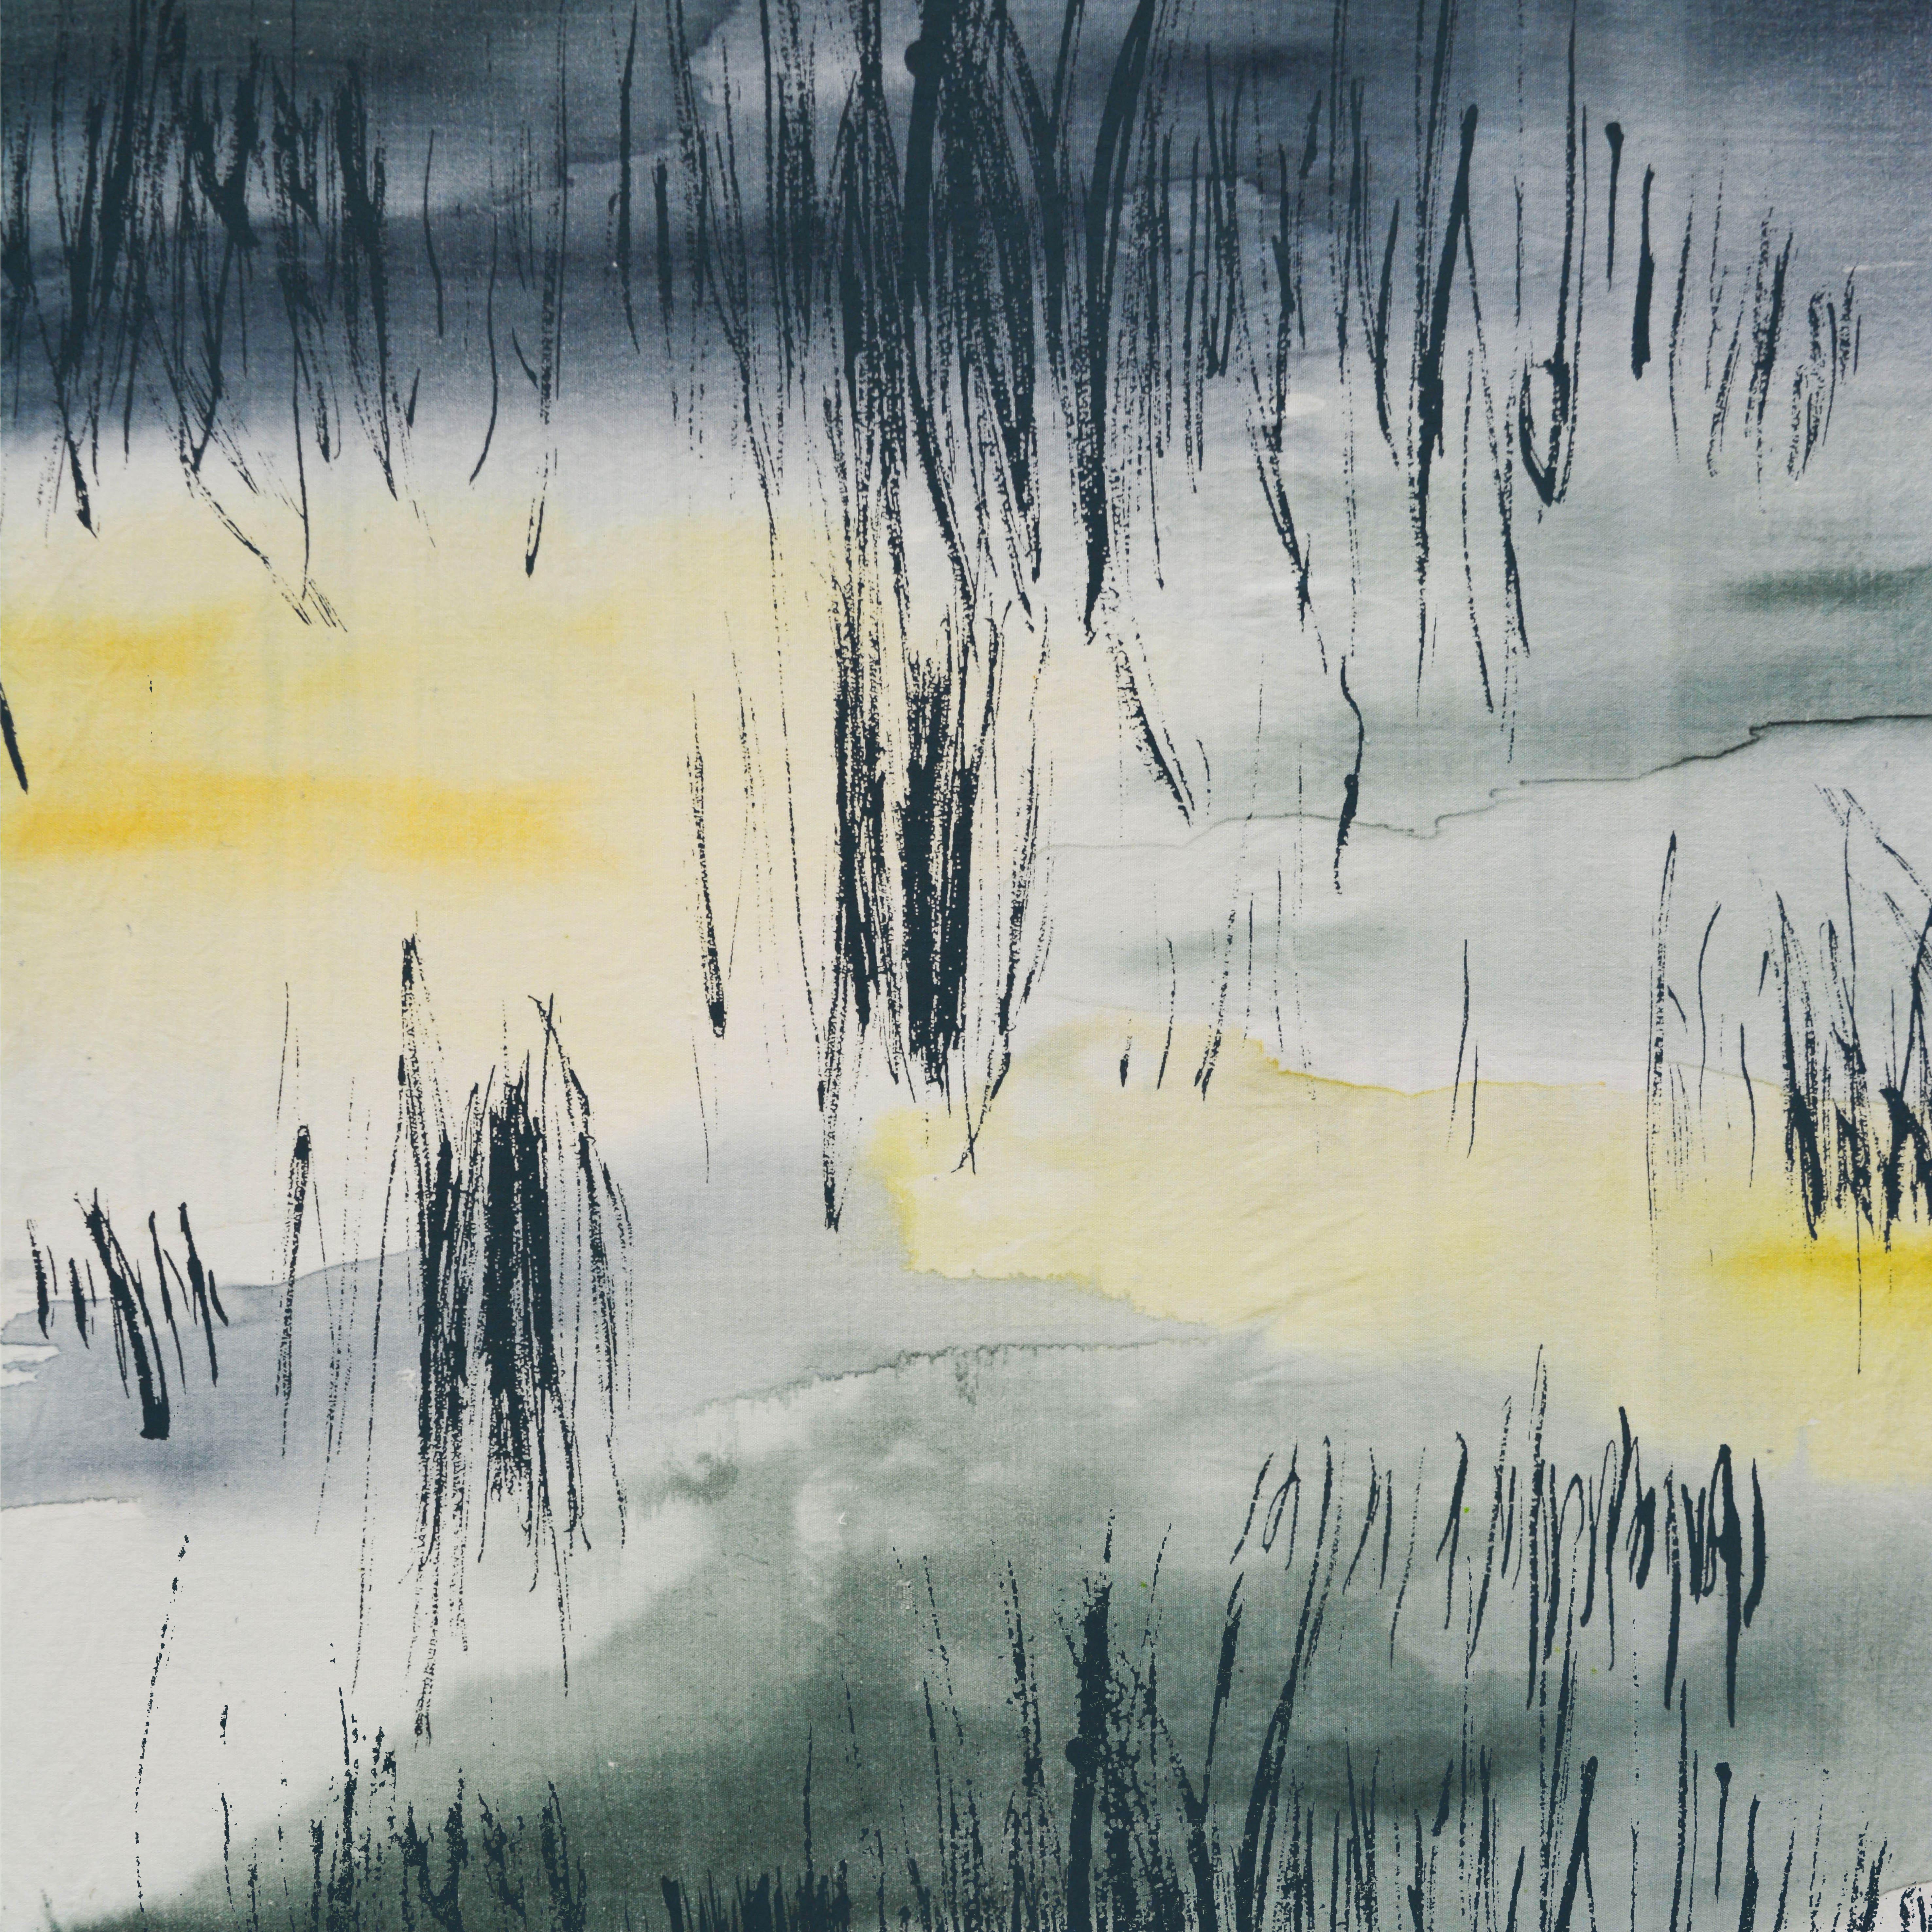 Rebecca Green 'Coastal Wandering'